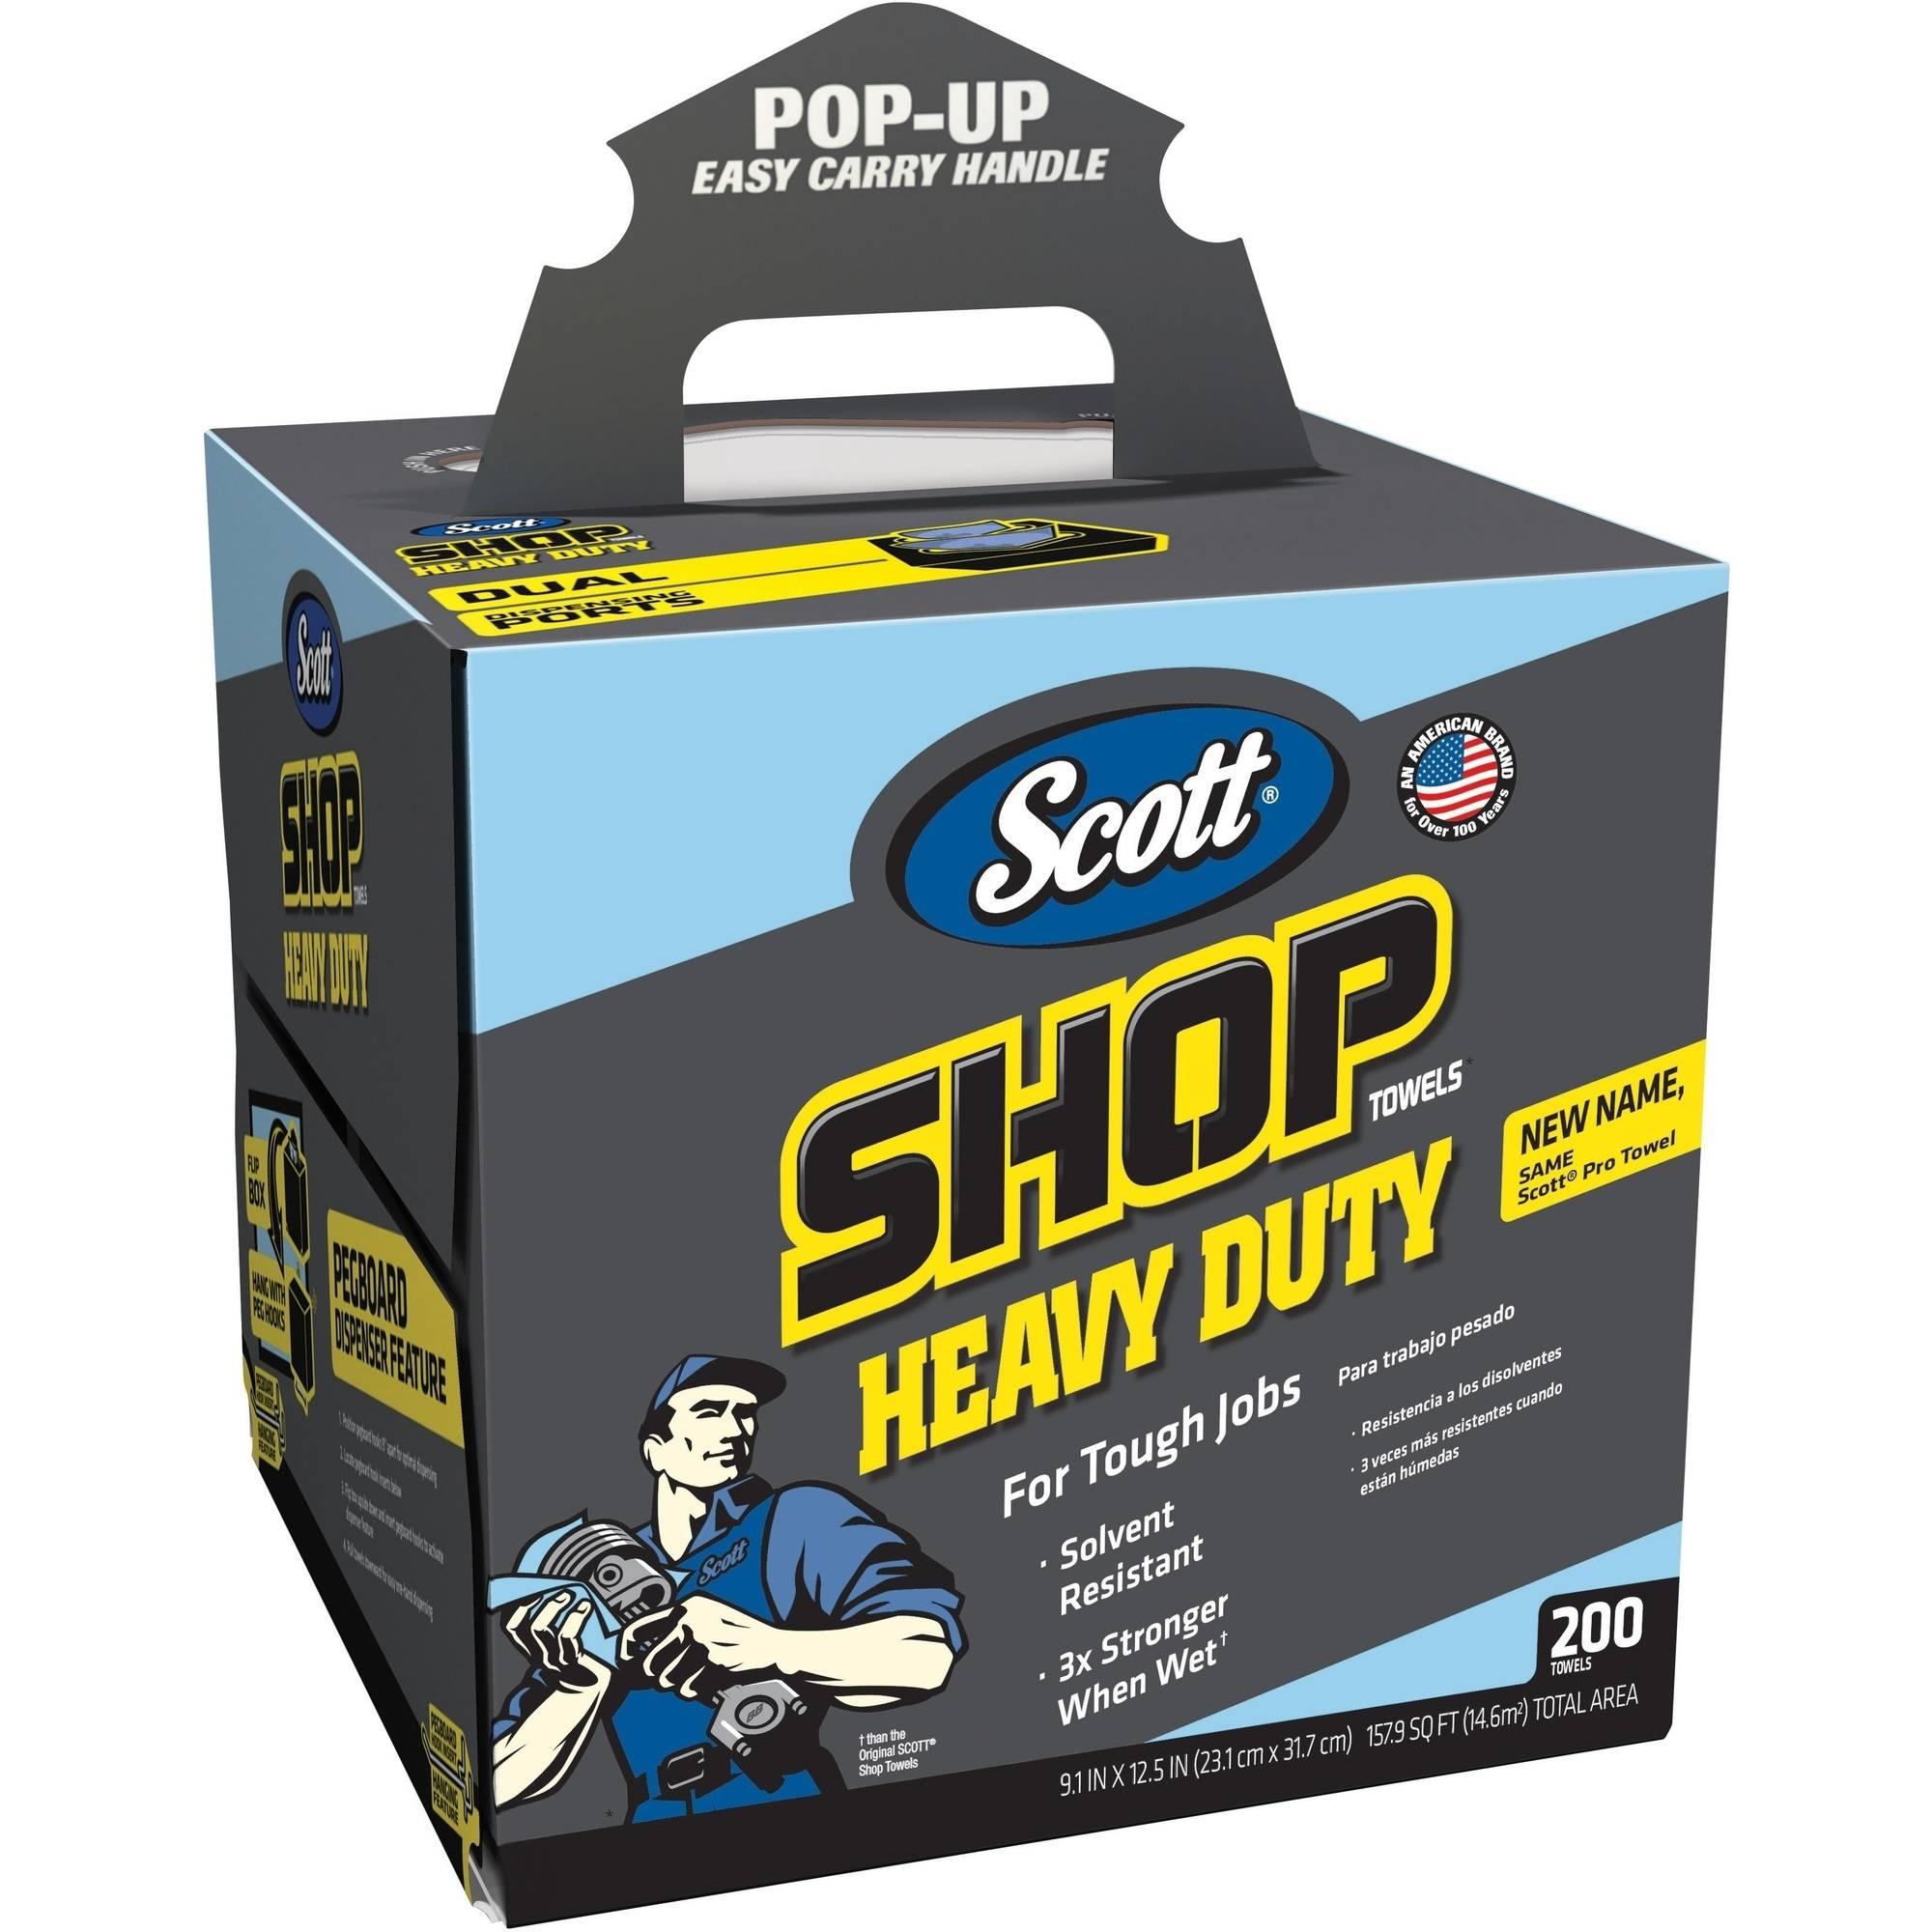 Scott Heavy Duty Towel Box